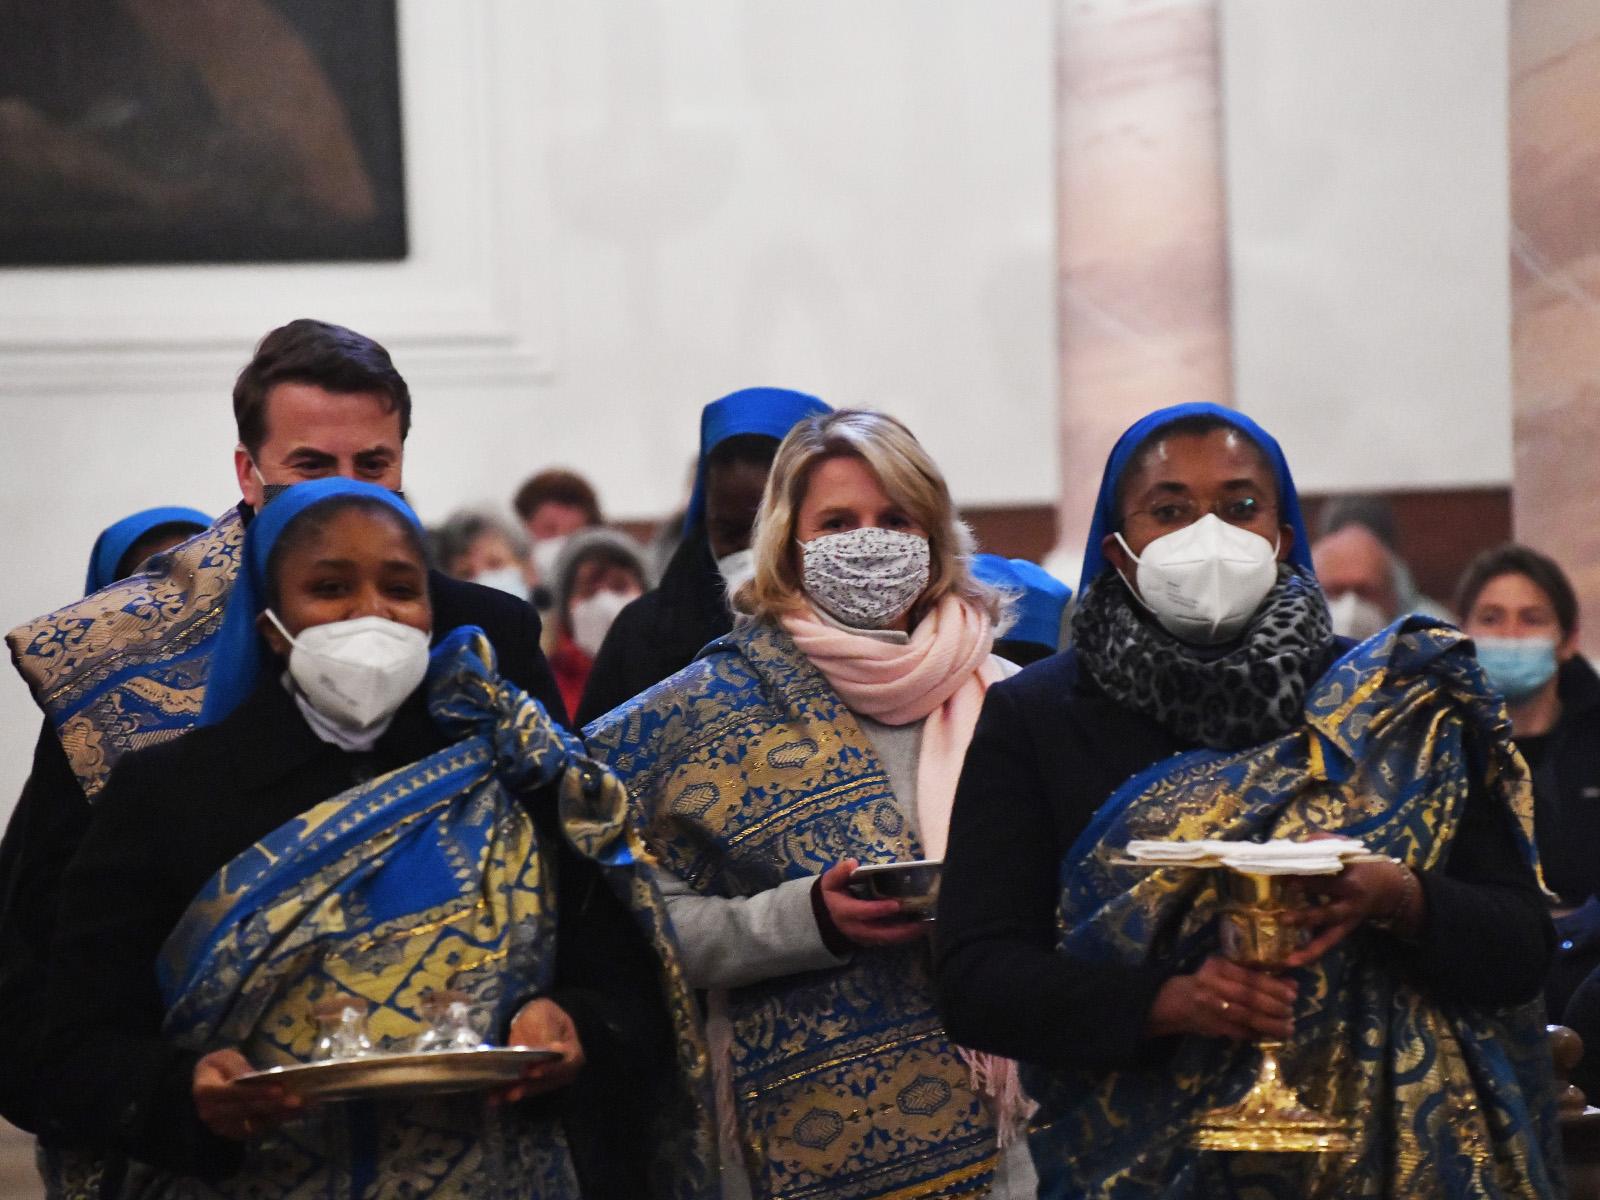 Die Gabenbereitung fand in feierlicher Prozession statt.